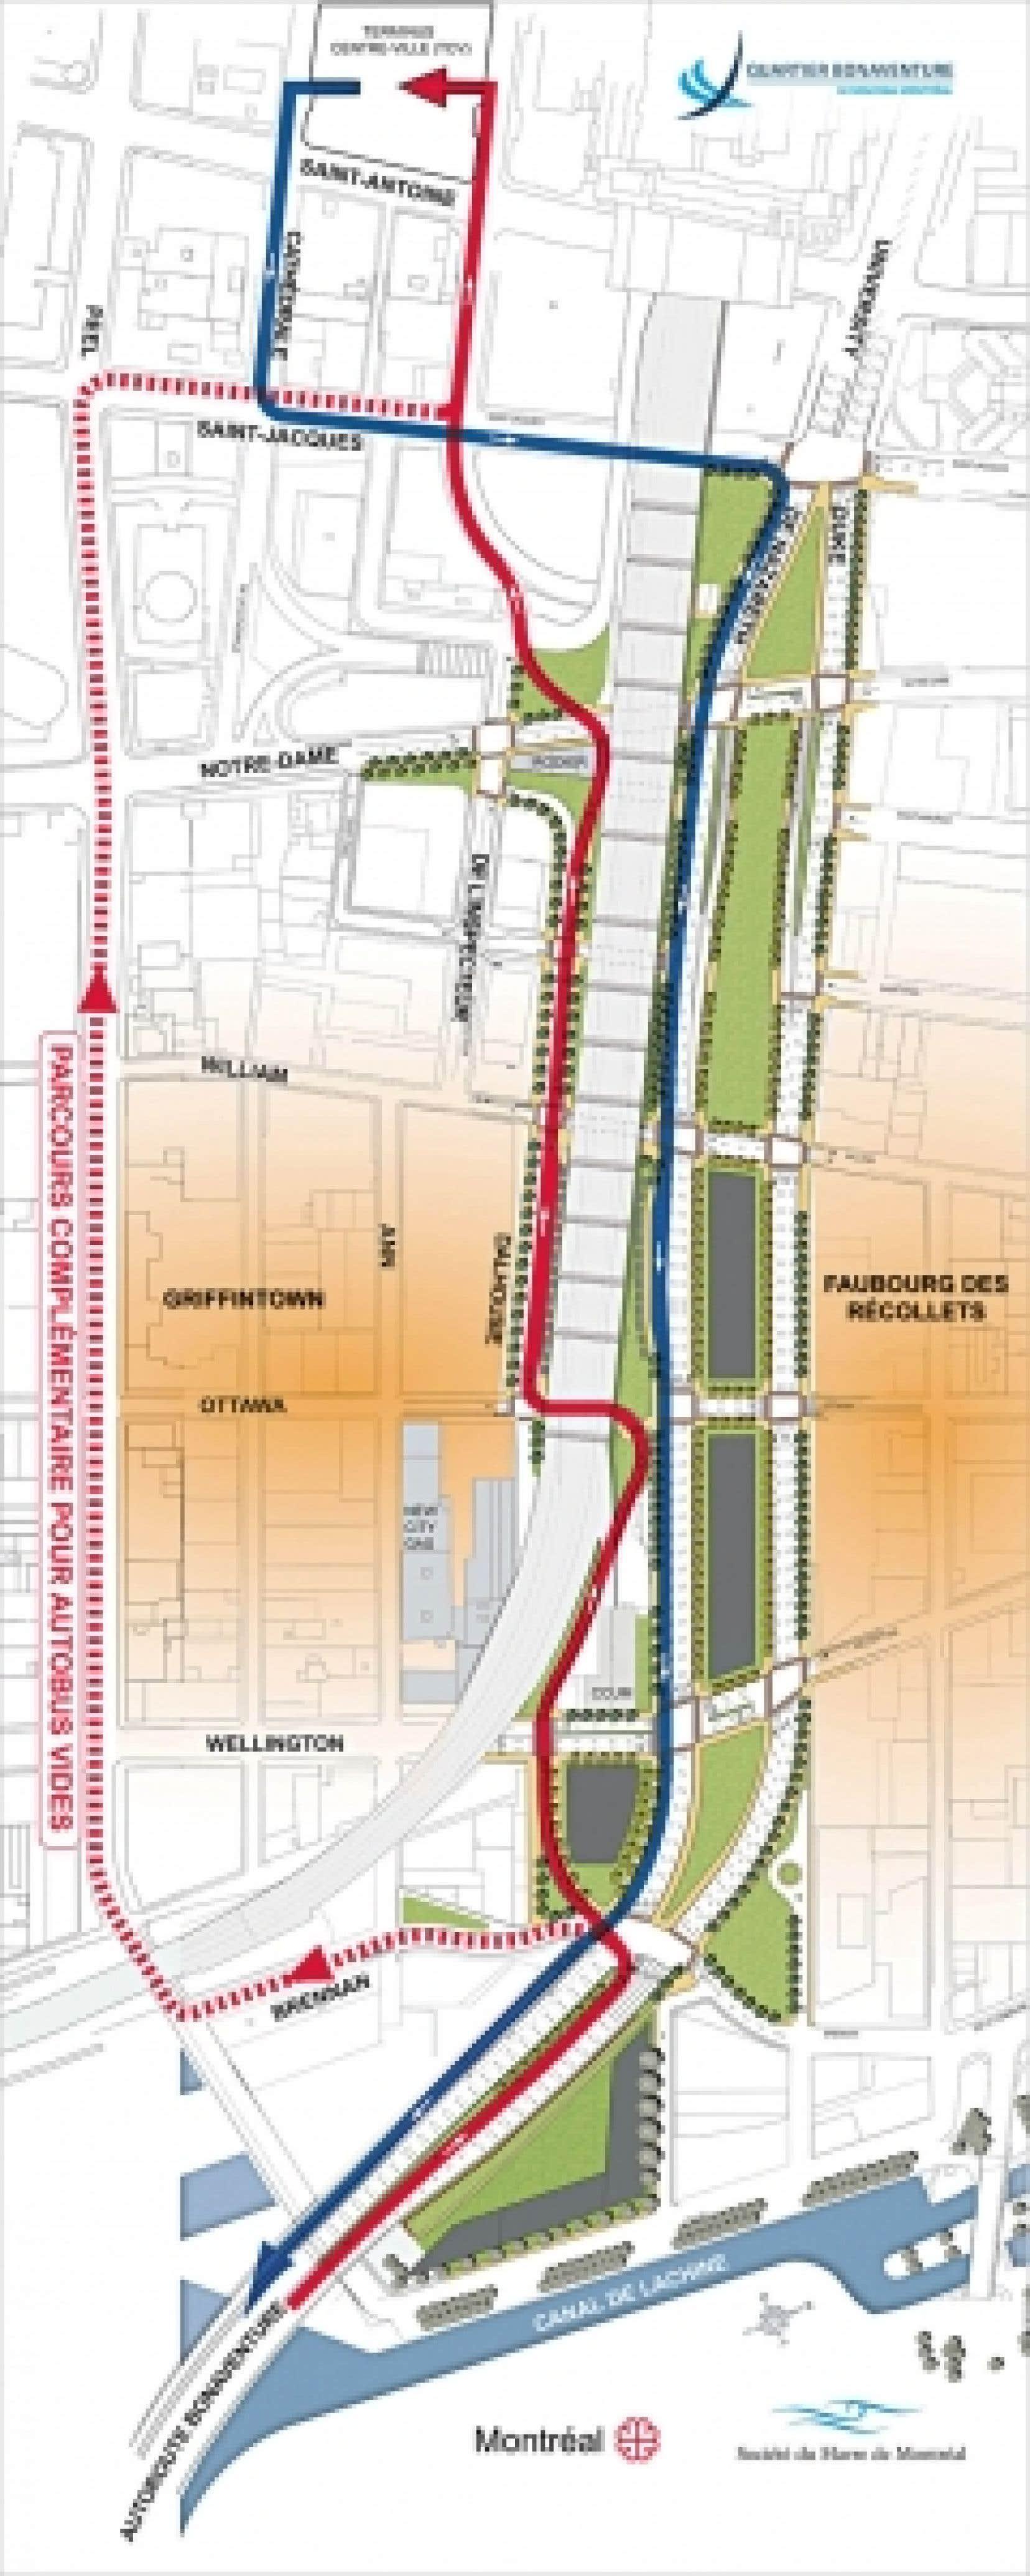 Les autobus provenant de la Rive-Sud (en rouge) emprunteront un trac&eacute; sinueux afin d&rsquo;&eacute;viter de percer le viaduc ferroviaire et &eacute;pargner l&rsquo;immeuble patrimonial de la New City Gas. Dans l&rsquo;autre direction, les autobus emprunteront le futur boulevard Bonaventure (en bleu) en direction de la Rive-Sud.<br />